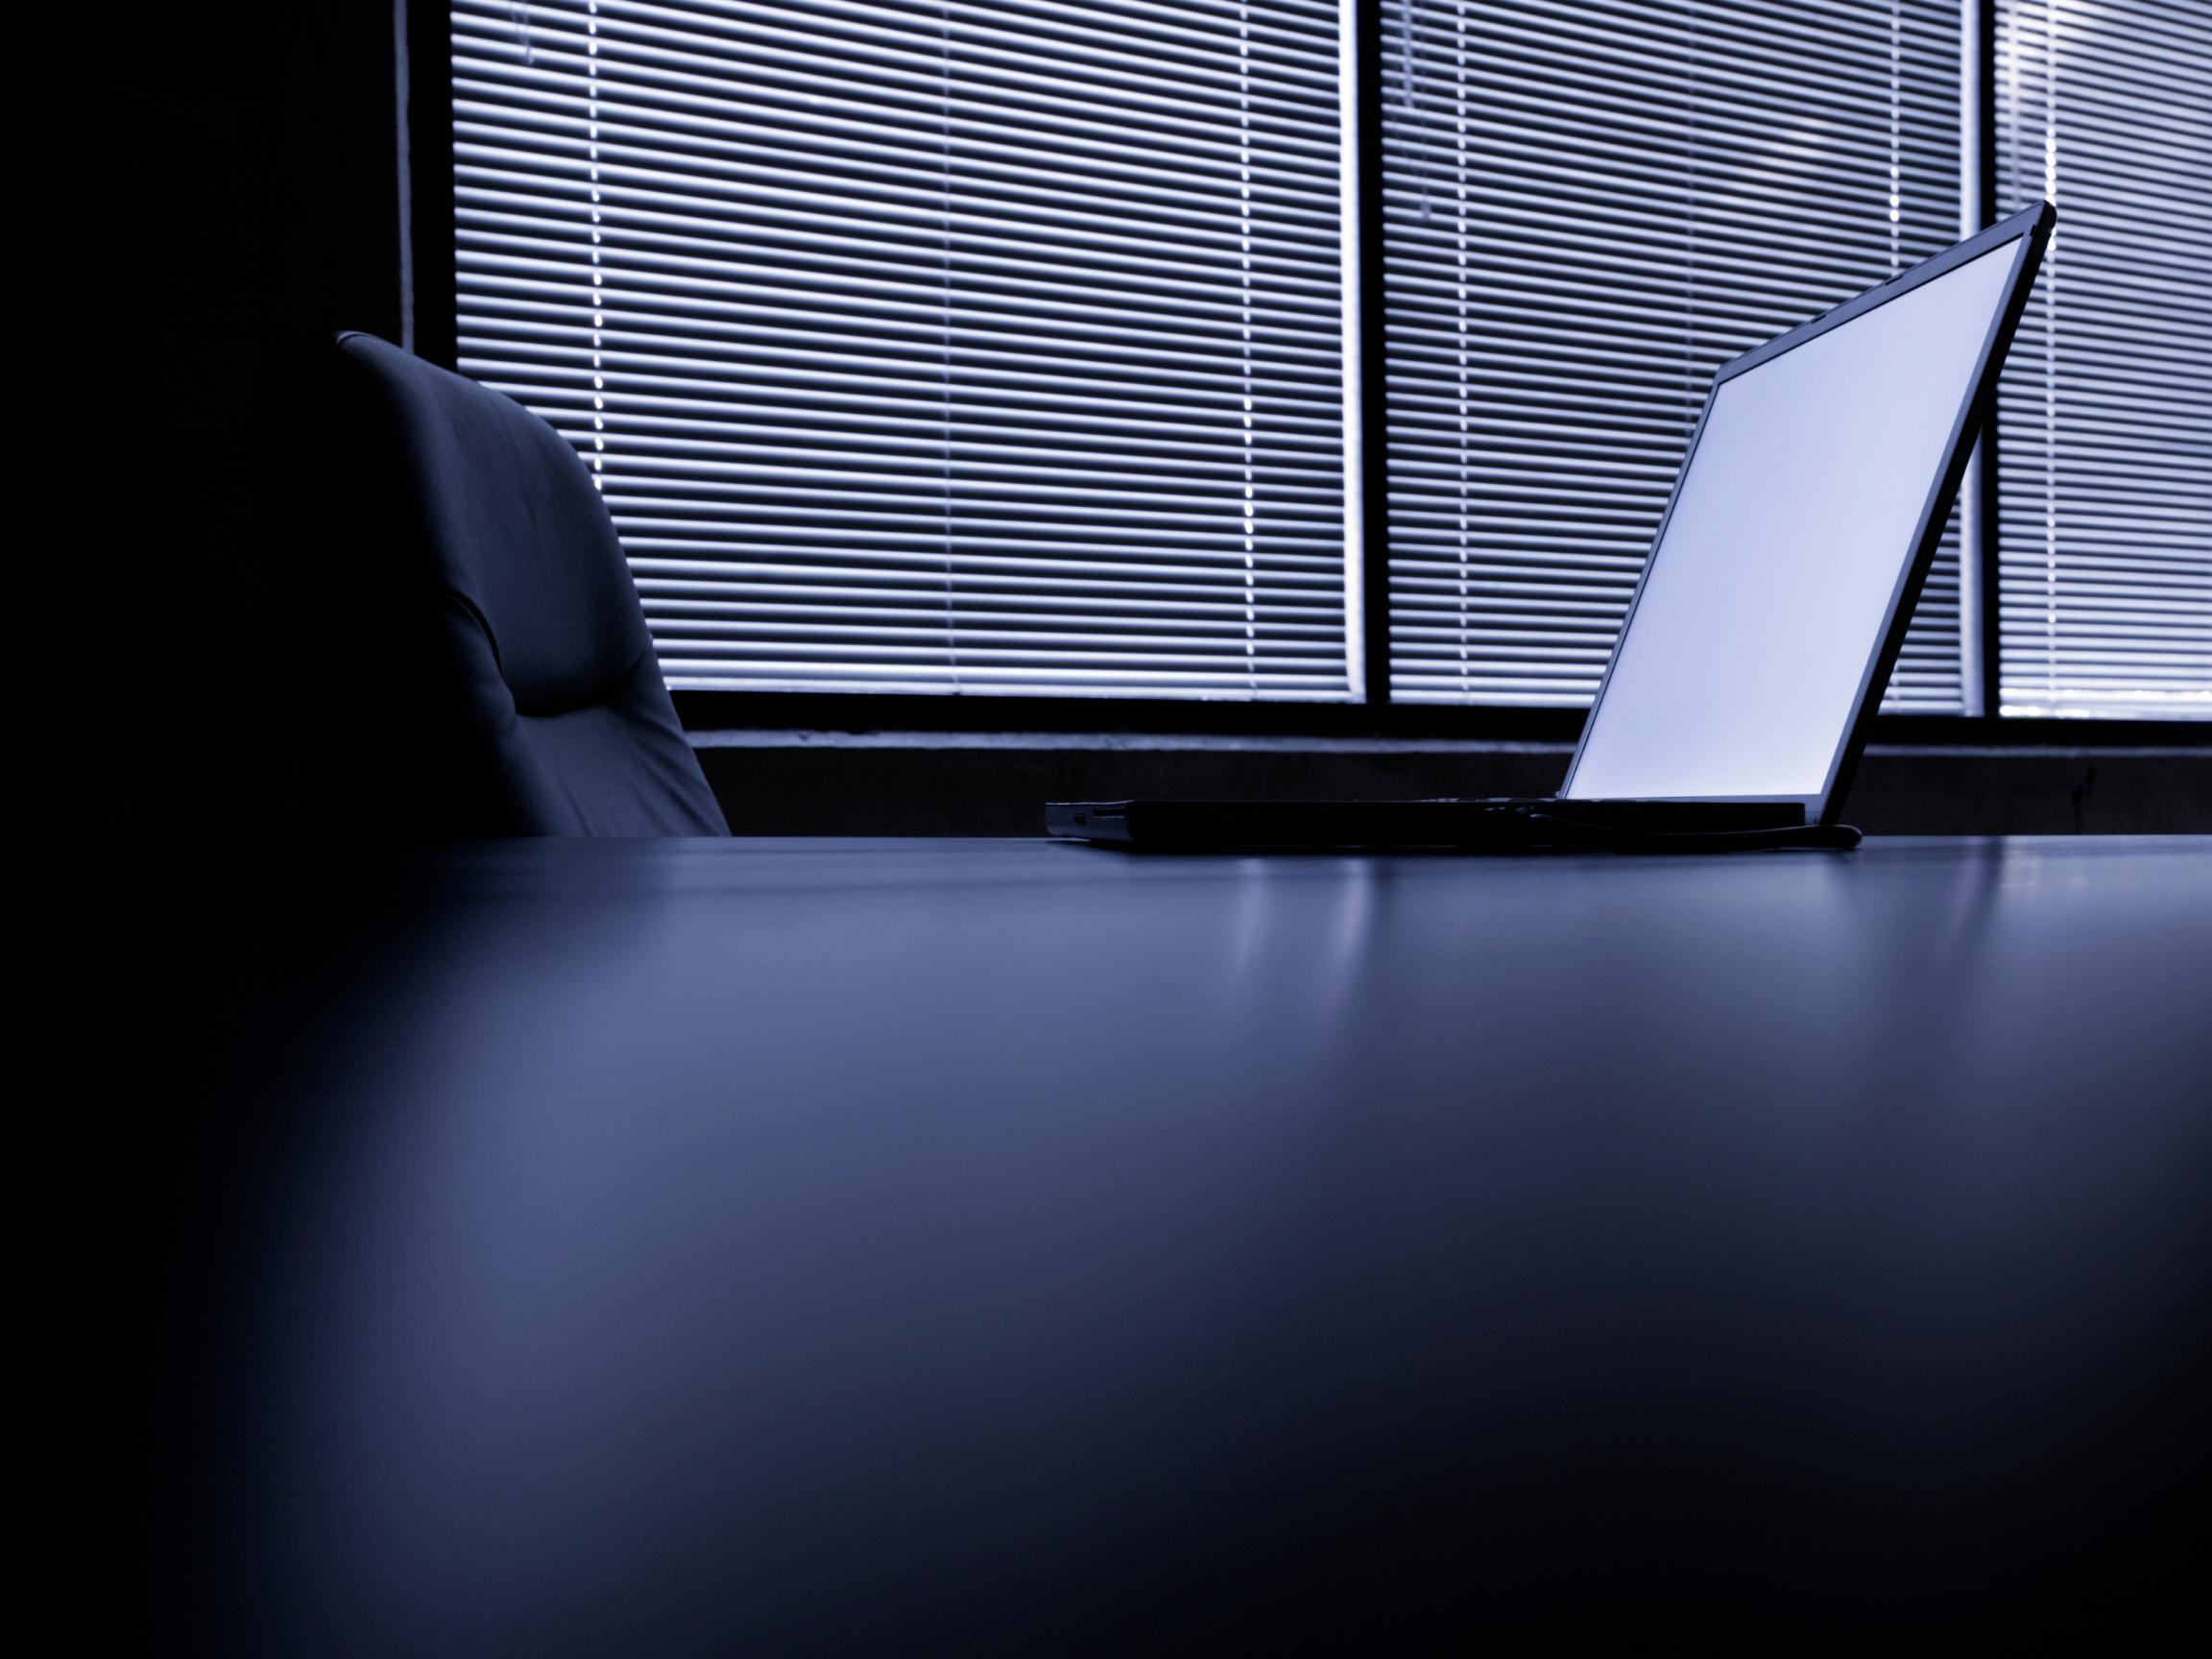 Covid-19 et entreprises : quelles solutions pour maintenir l'activité ?